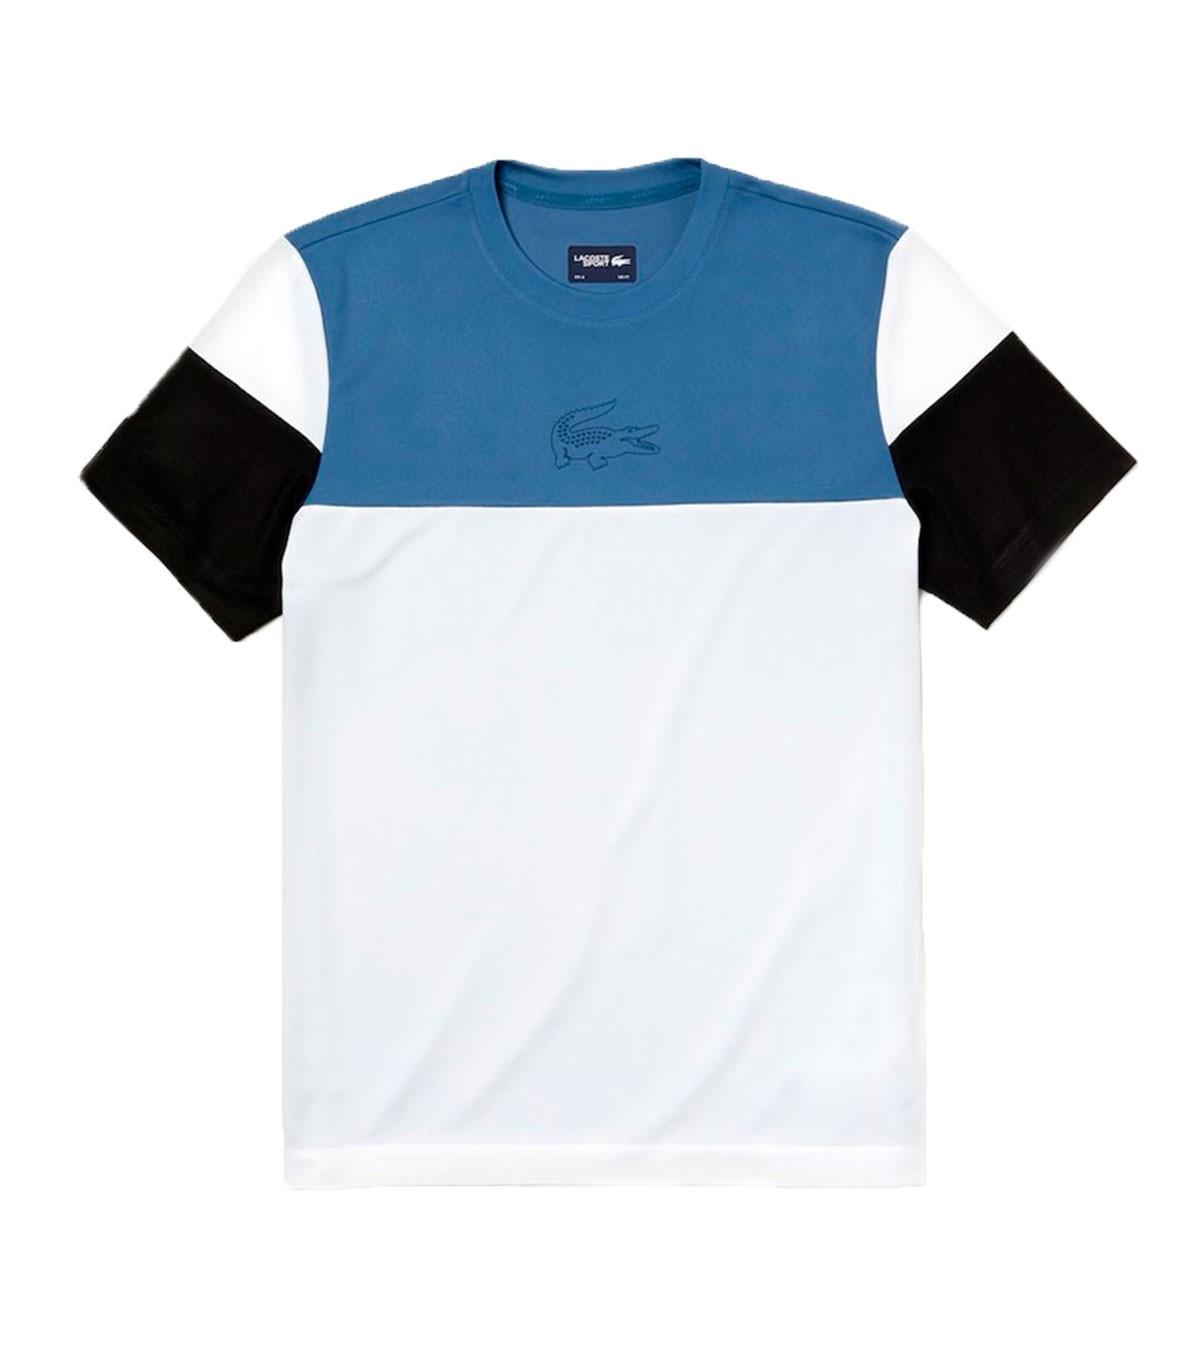 640faa8e43611 Buy Camiseta Lacoste